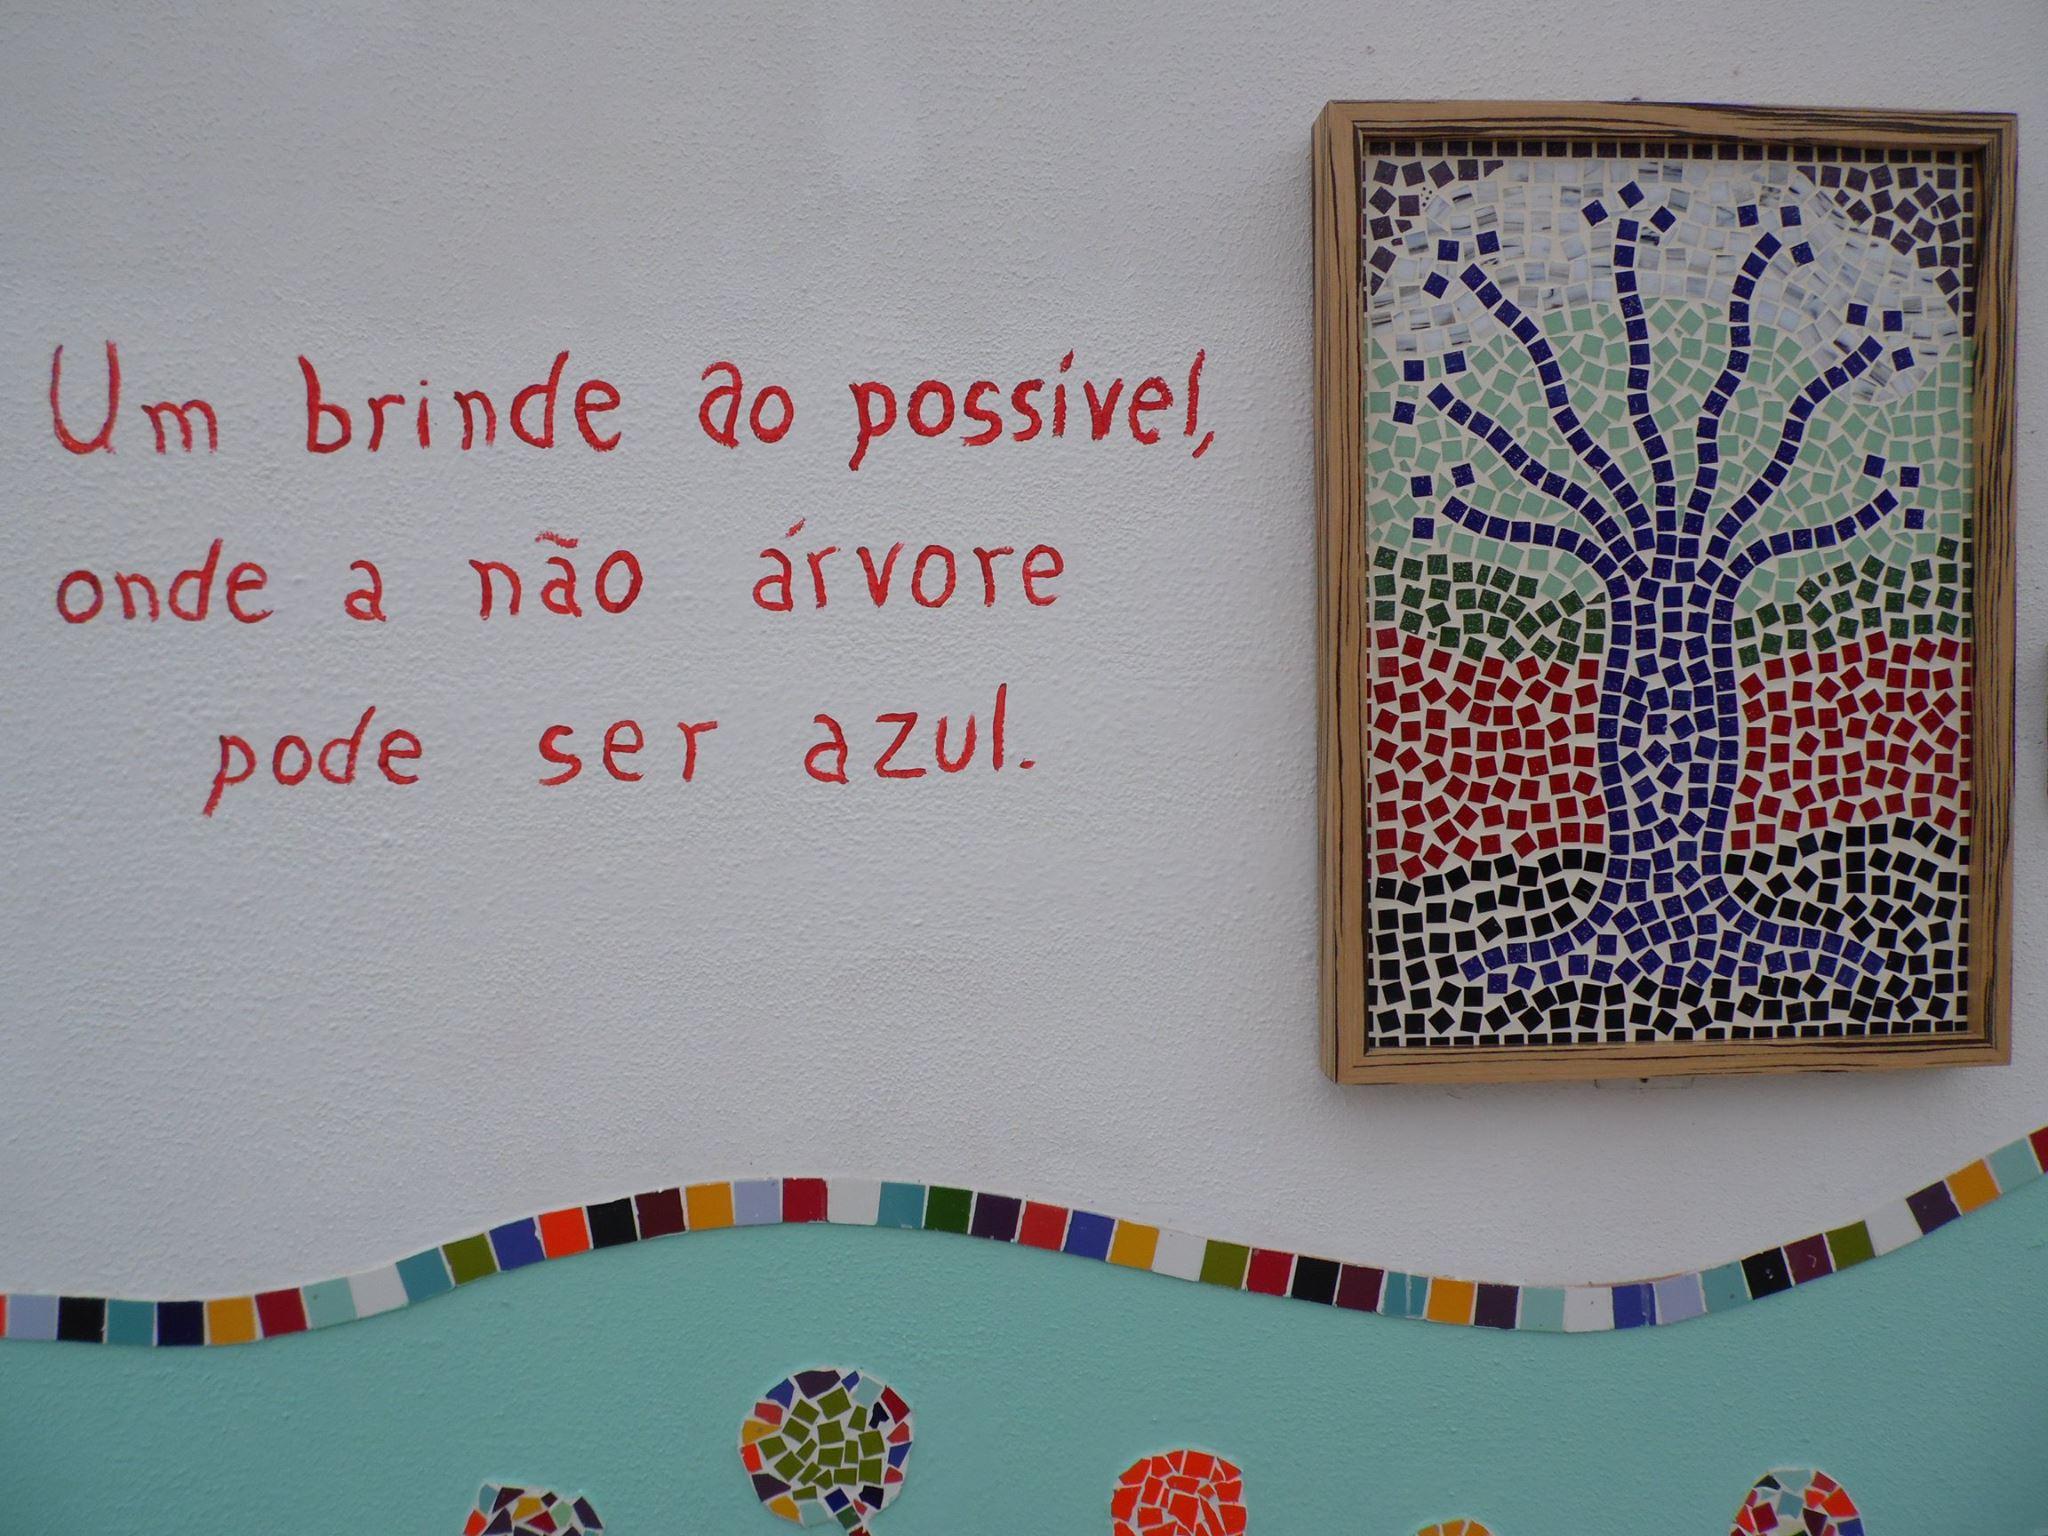 Fabuloso Frases Sobre Arte Na Educação Infantil Zu66 Ivango